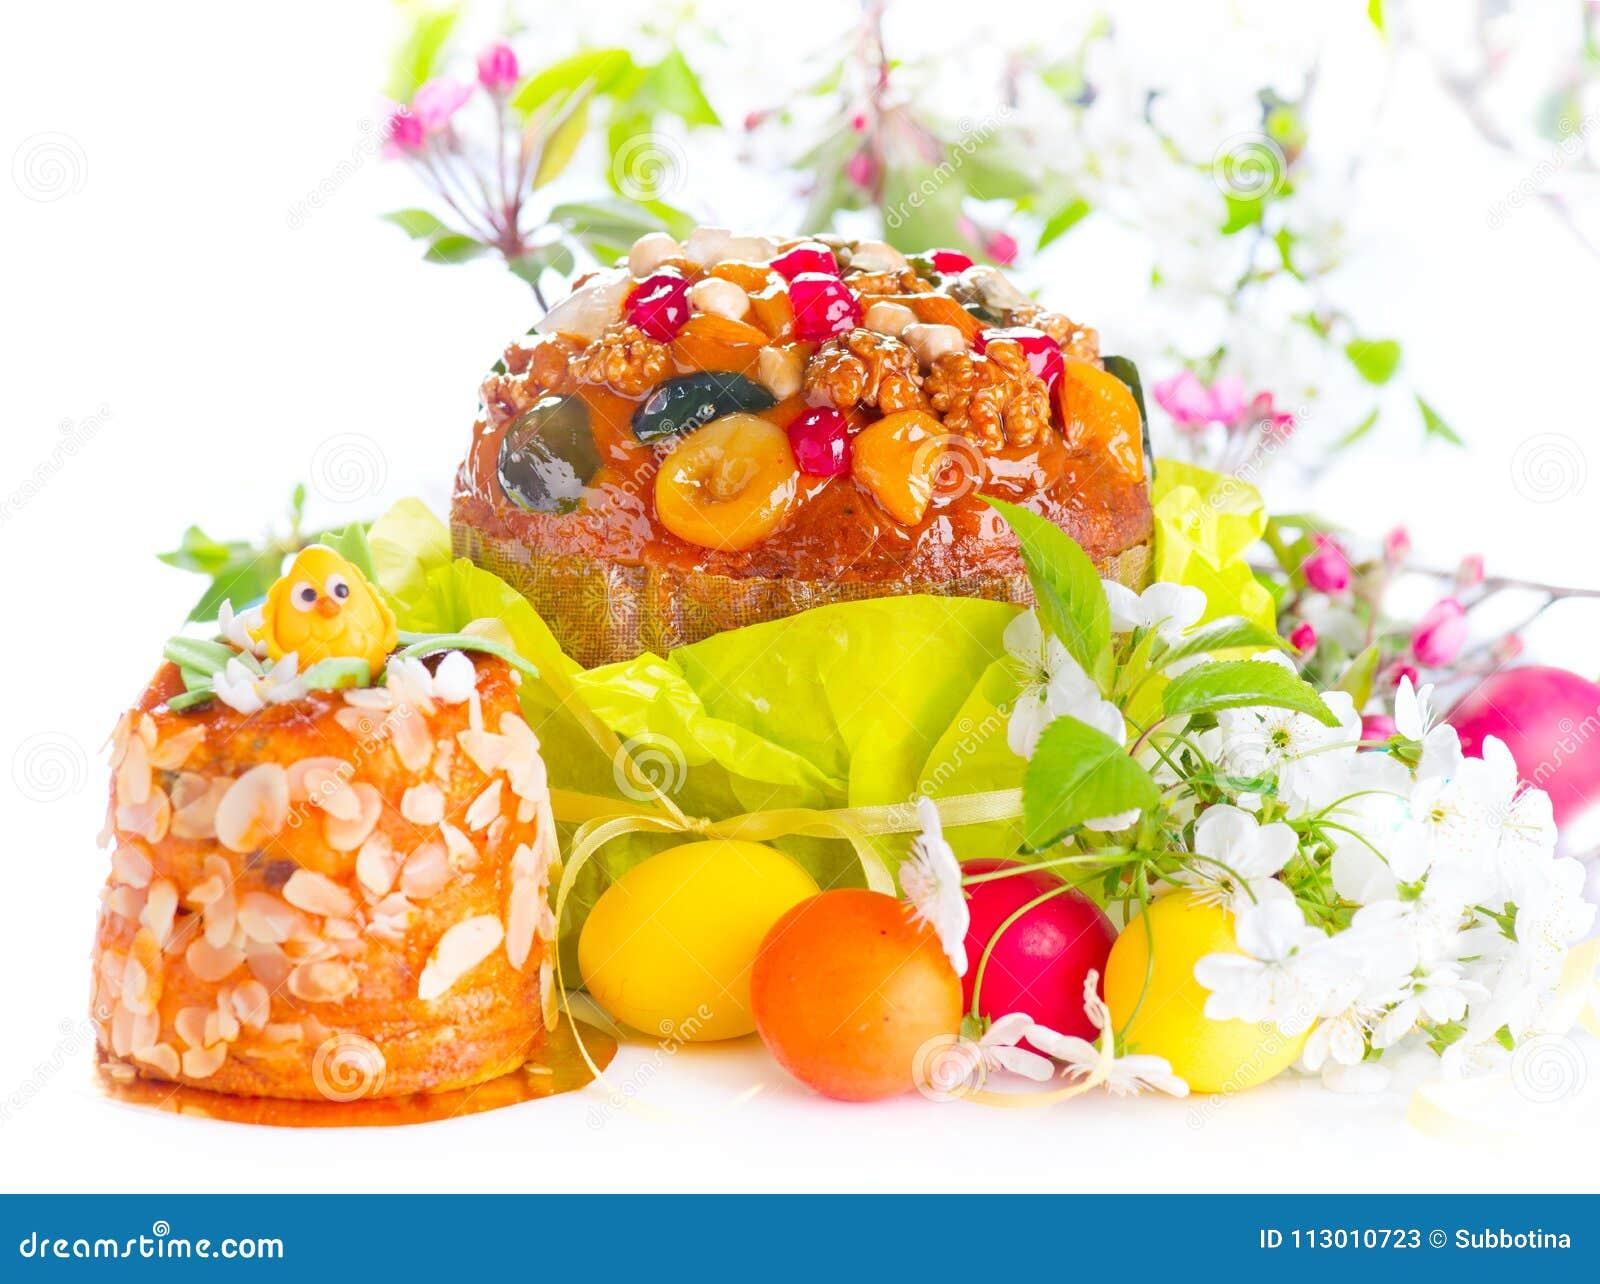 Plats för kanineaster äng Traditionell kaka och färgrika målade ägg Design för påskferiegräns som isoleras på en vit bakgrund